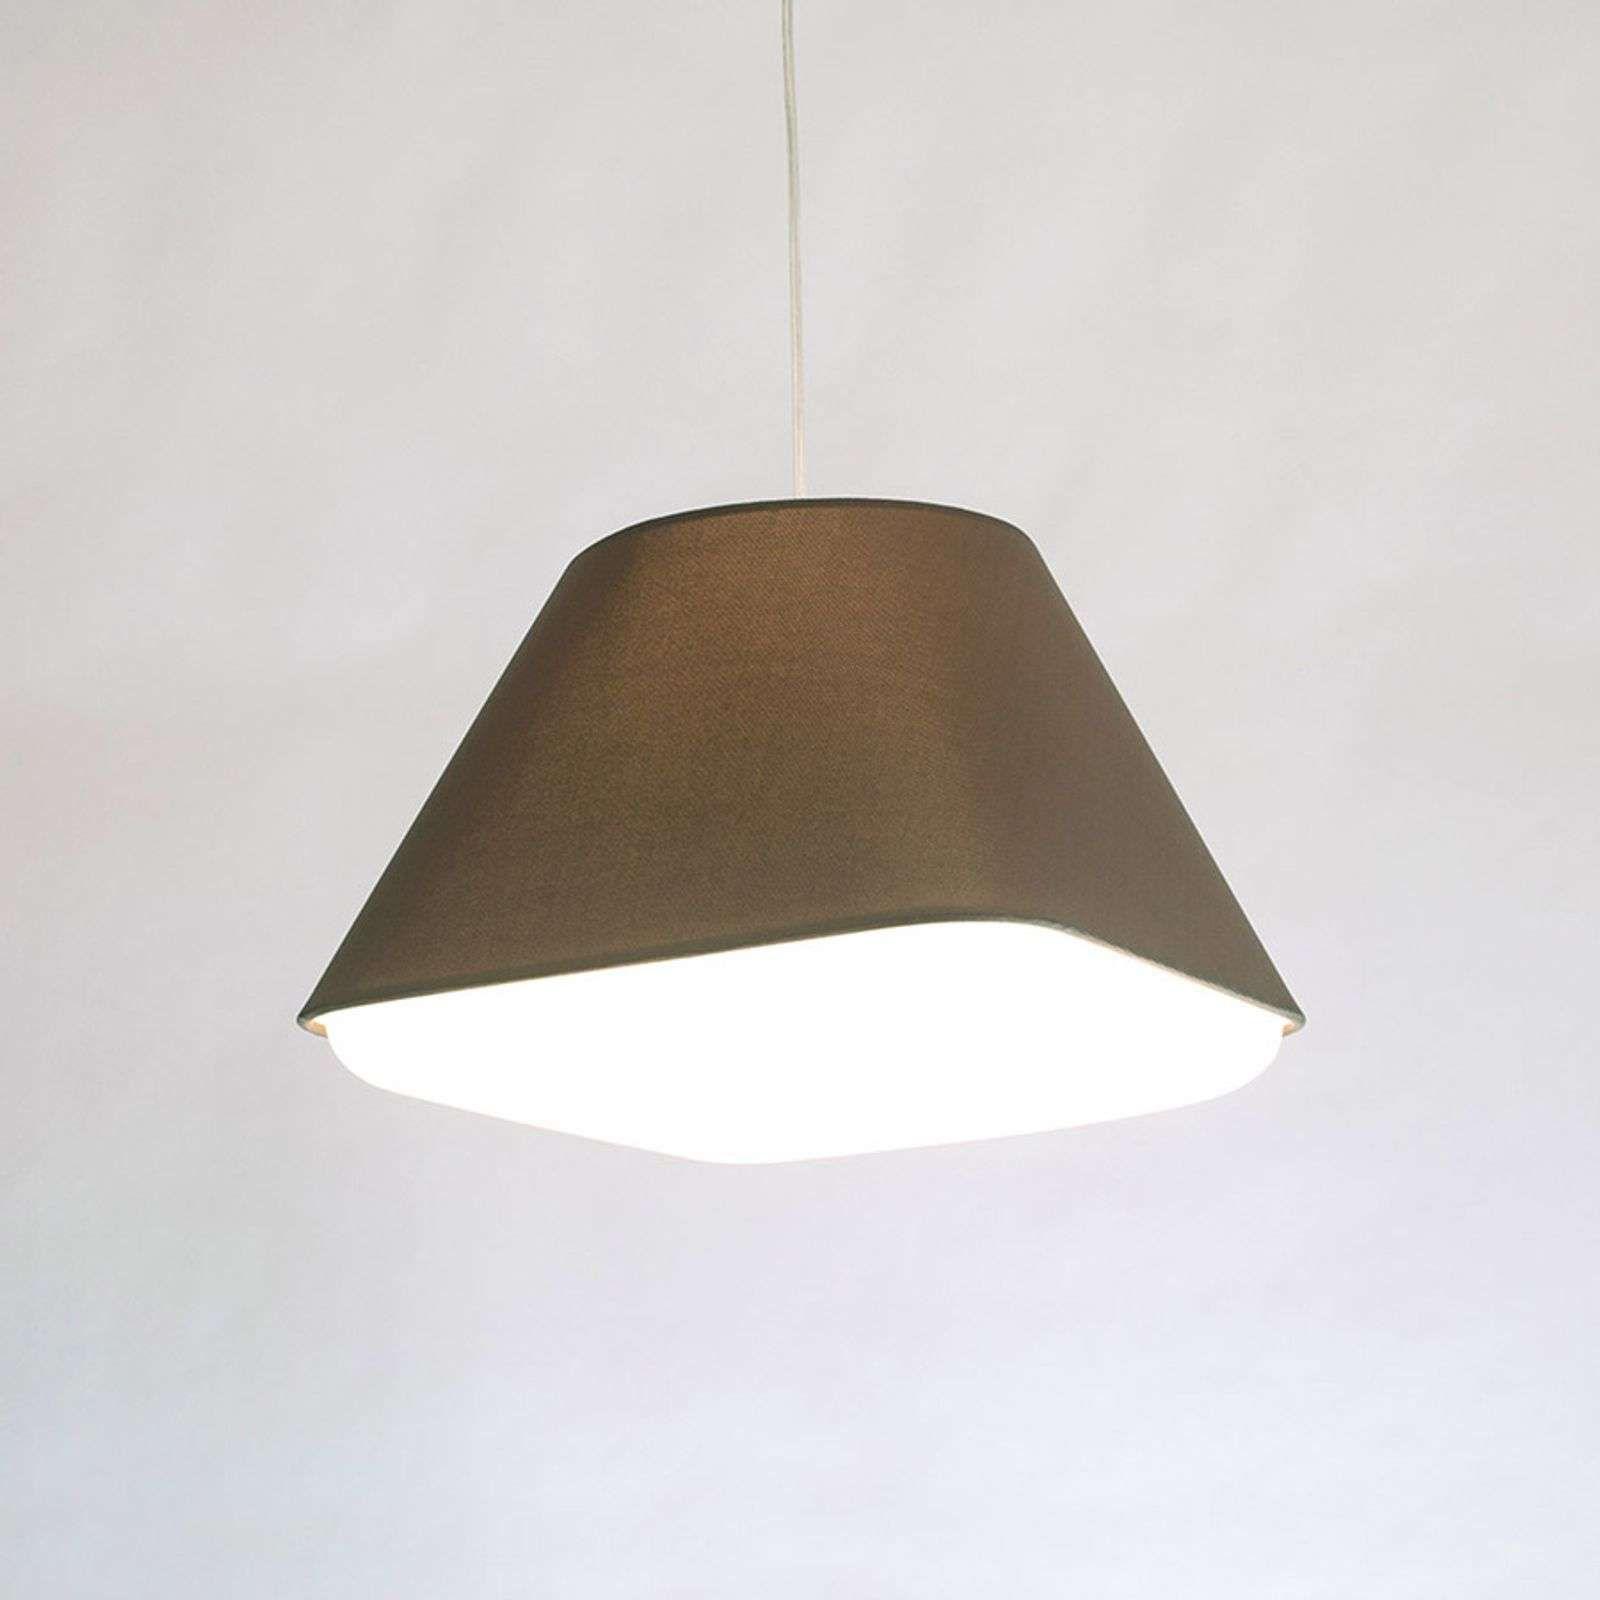 Pendelleuchte Grau Beton Stoff Pendelleuchte Hängelampe Esszimmertisch Pendelleuchten Led Dimmbar Schweiz Pendelleuchte Essti Design Pendant Light Lamp